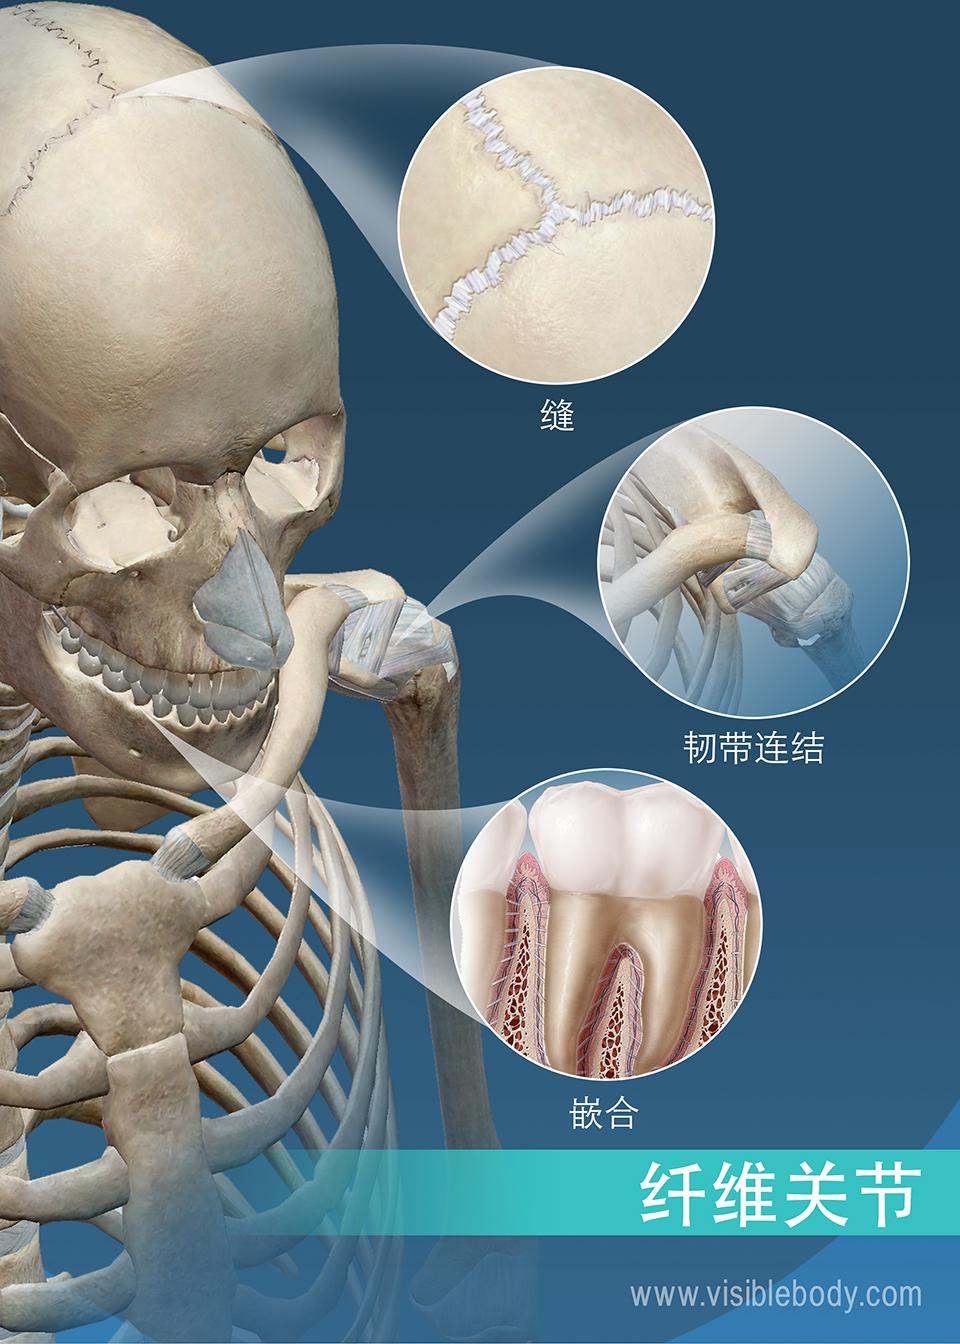 缝、韧带结合关节和钉状关节: 纤维关节